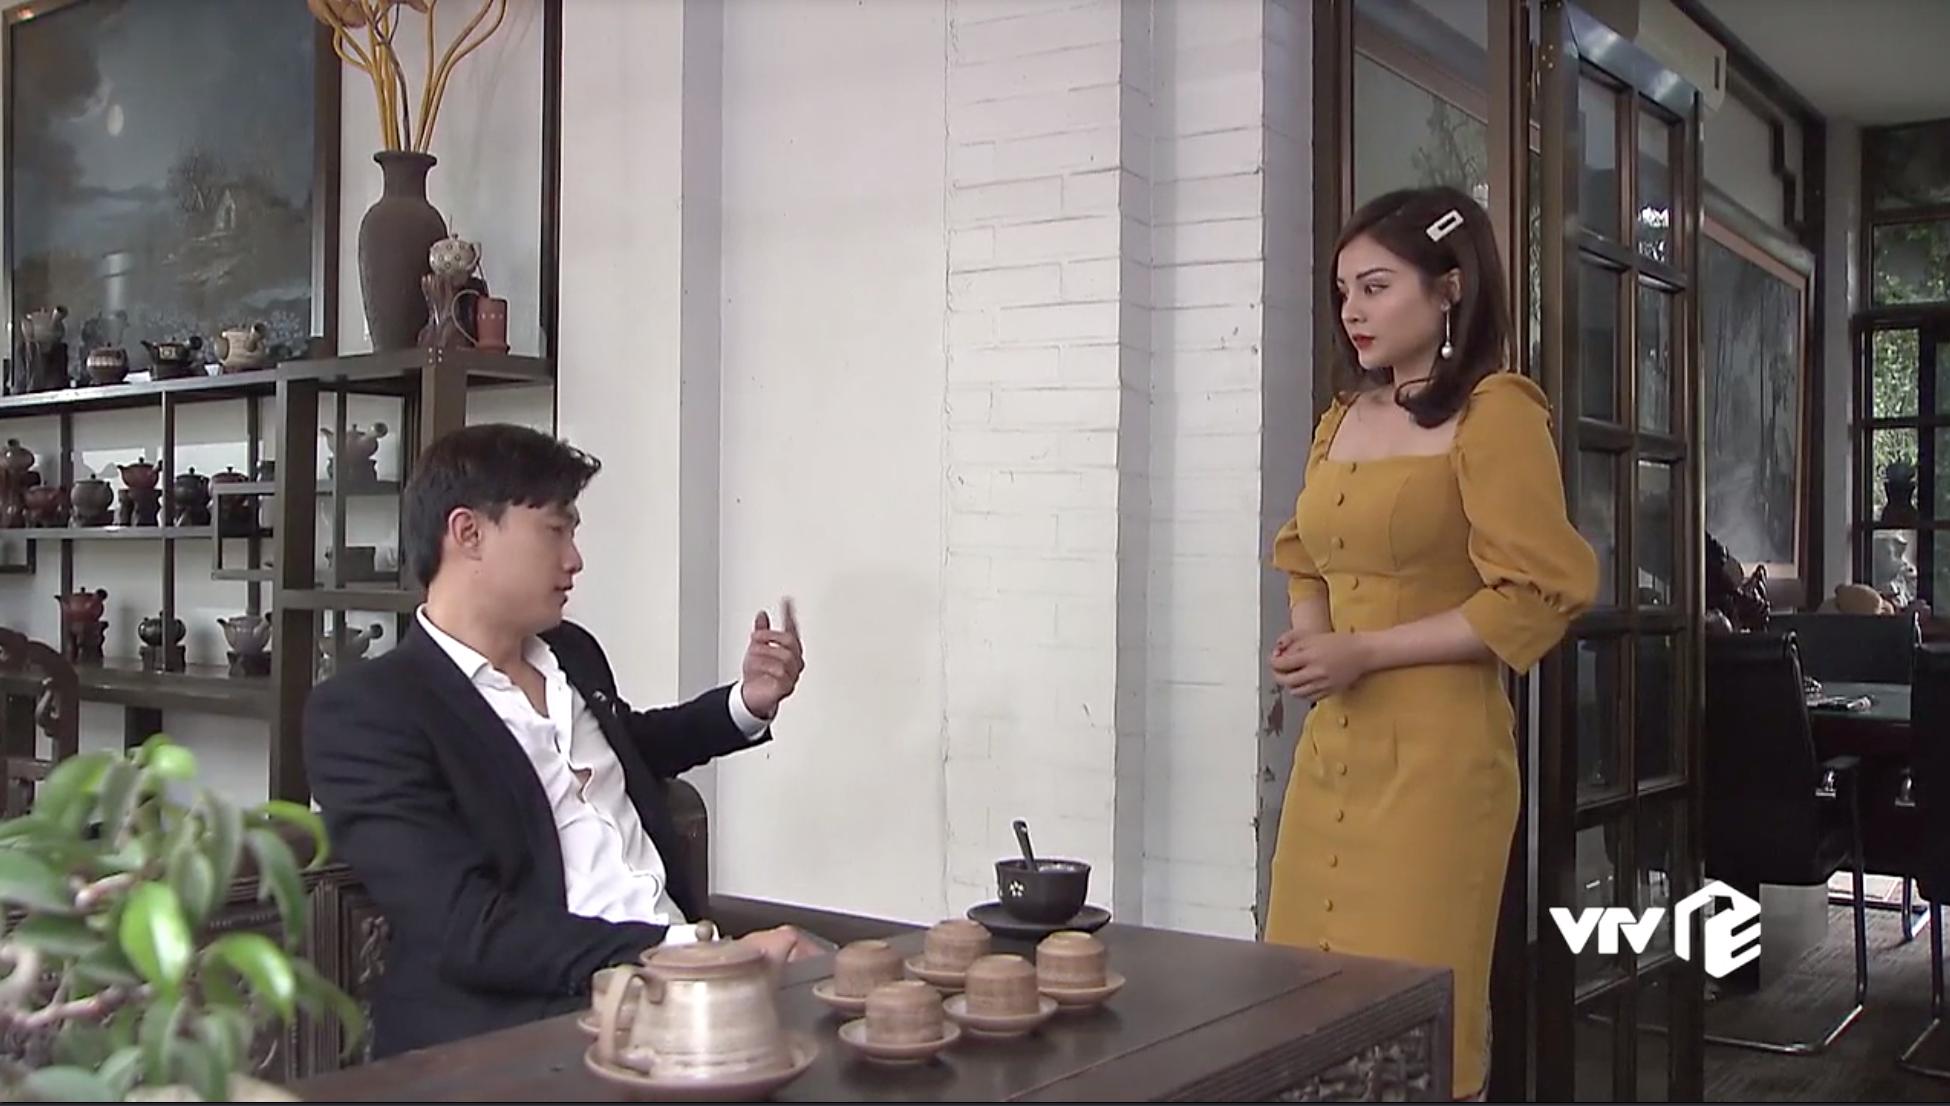 'Về nhà đi con': Sắp lấy vợ mà Vũ vẫn không bỏ thói trăng hoa, nếu không có mẹ can có lẽ đã đưa gái lạ lên giường - Ảnh 4